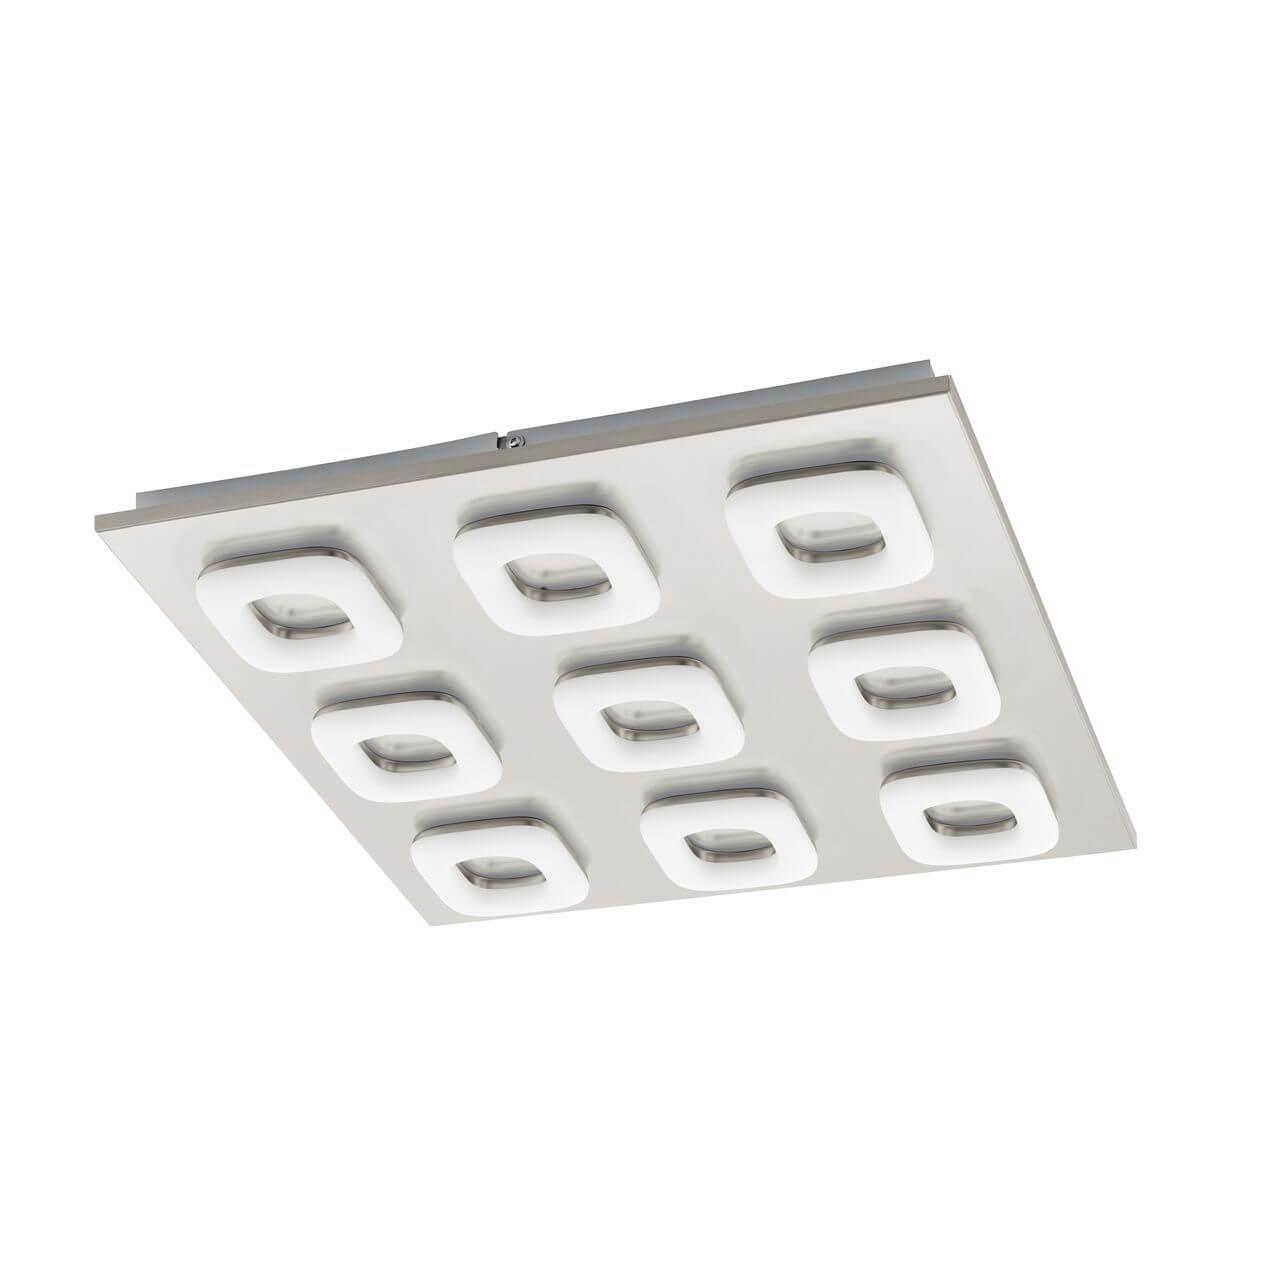 Потолочный светодиодный светильник Eglo Litago 97013 подвесной светодиодный светильник eglo litago 97014